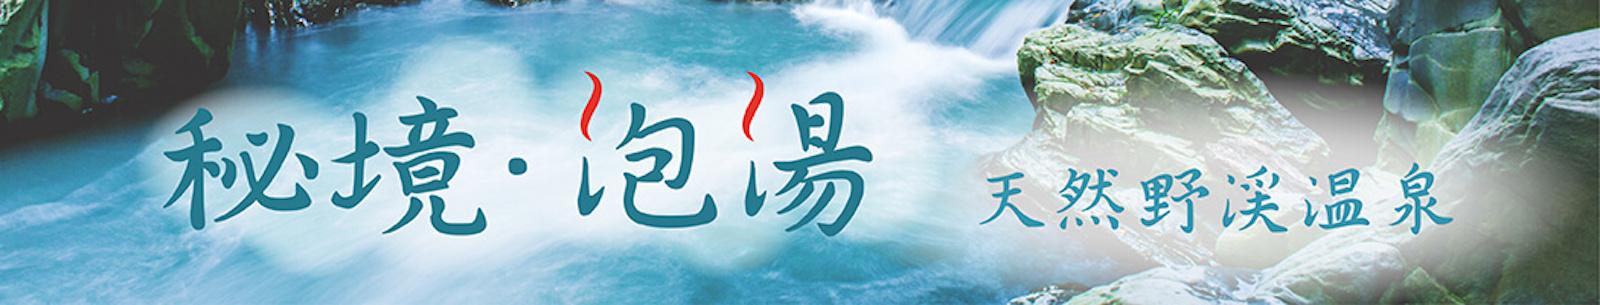 野溪溫泉專區banner